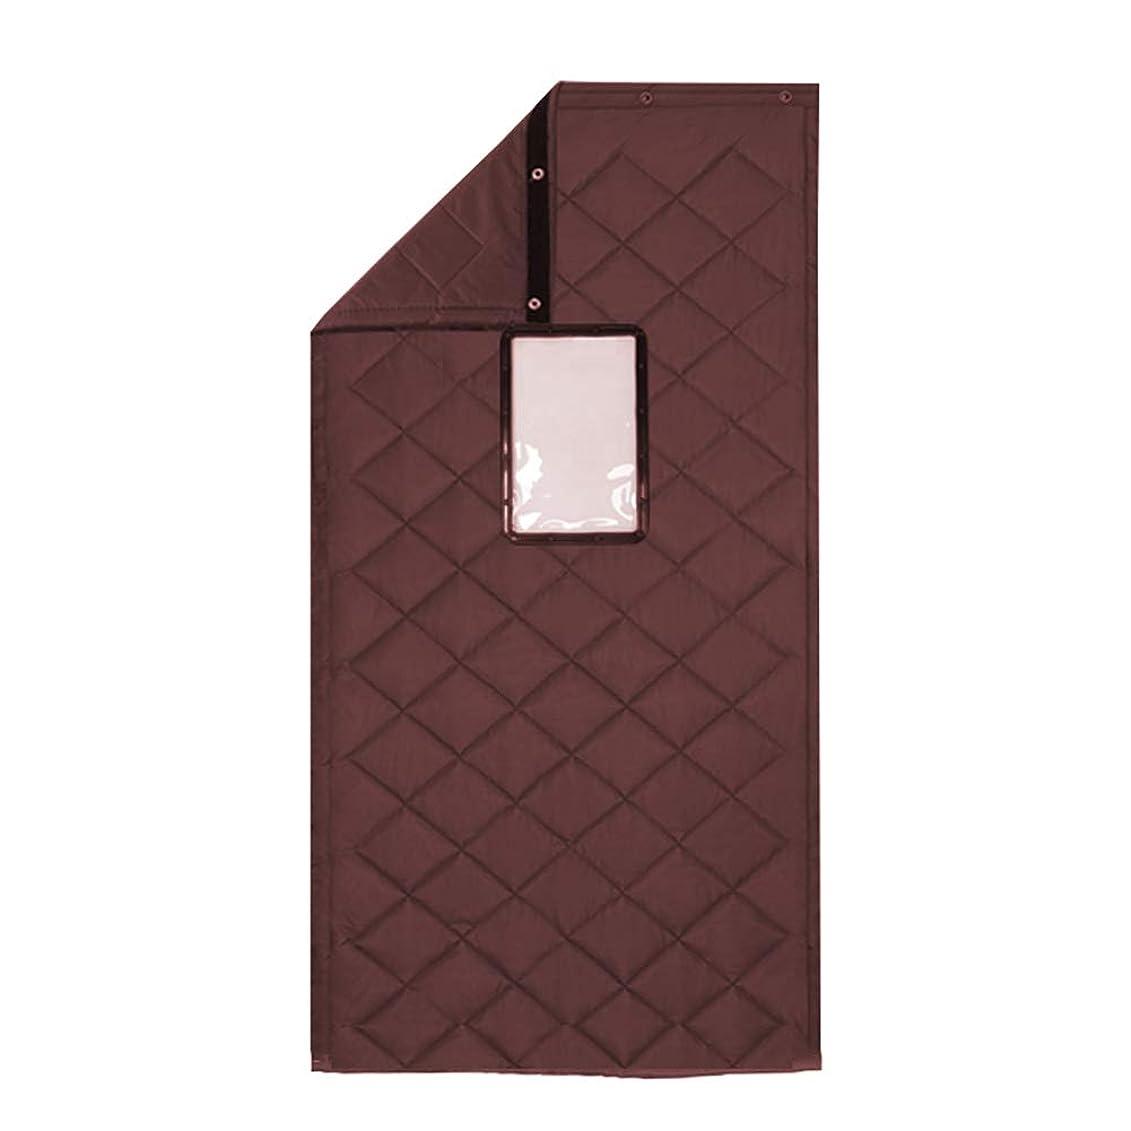 教育独裁揮発性WUFENG ドアカーテン 厚手の綿 暖かく保つ 防風 防水、 5のスタイル 複数のサイズ カスタマイズ可能 (色 : C, サイズ さいず : 110x220cm)